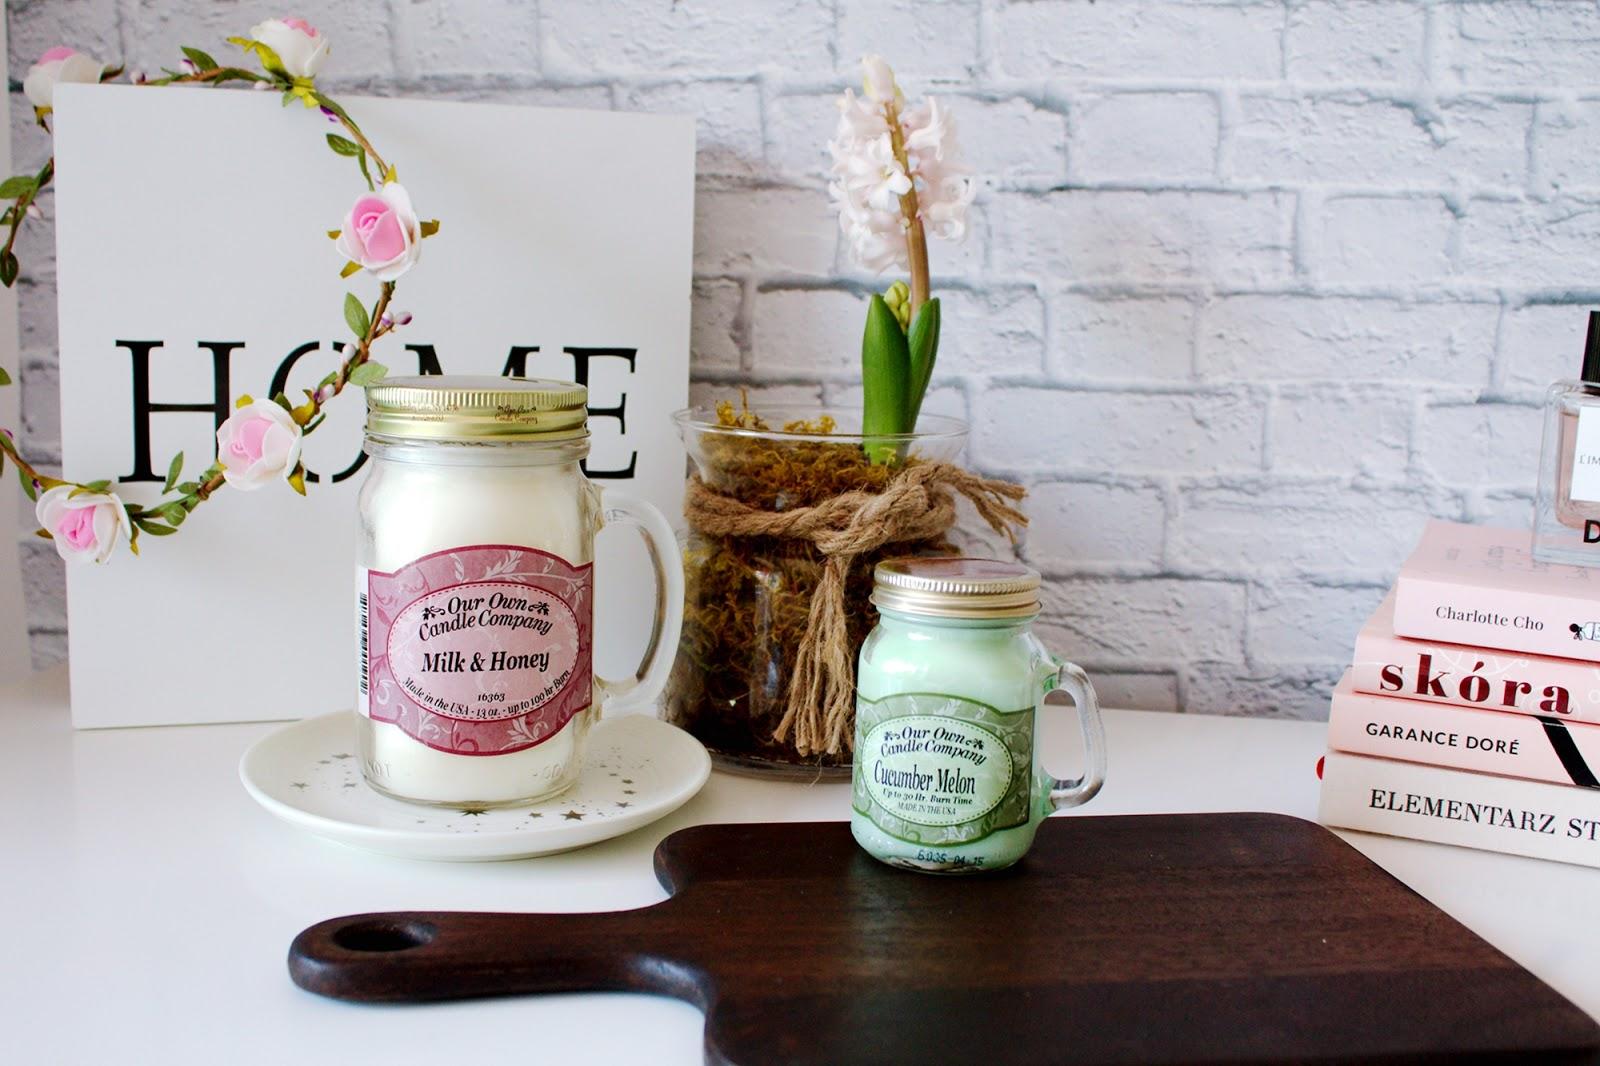 Zapach miesiąca | Mleko z miodem czy Ogórek z melonem?